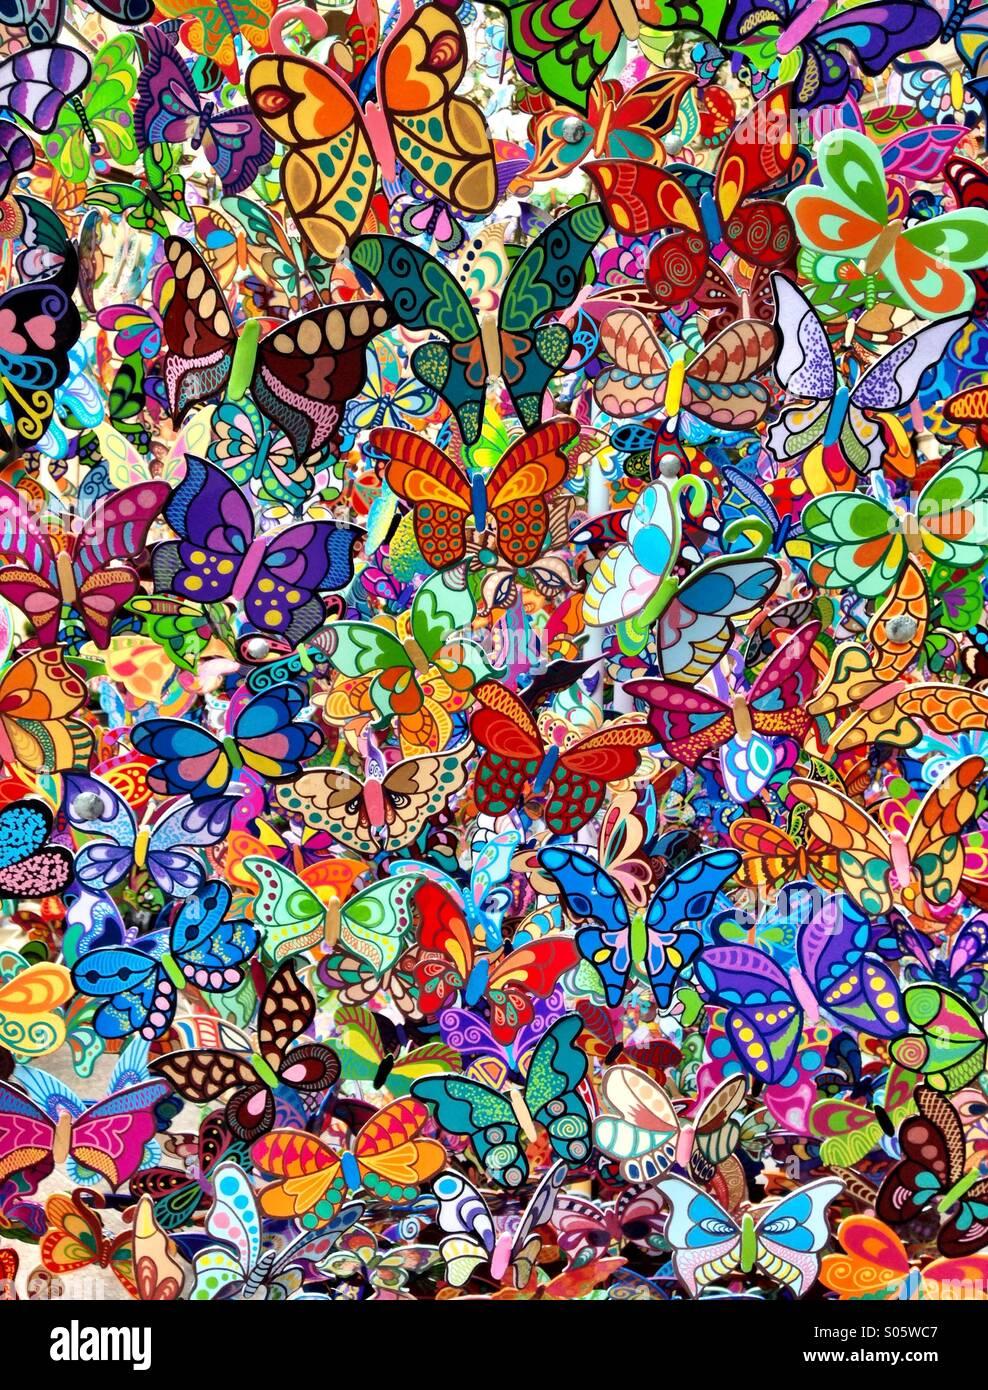 Modello di carta da parati di coloratissime farfalle Immagini Stock